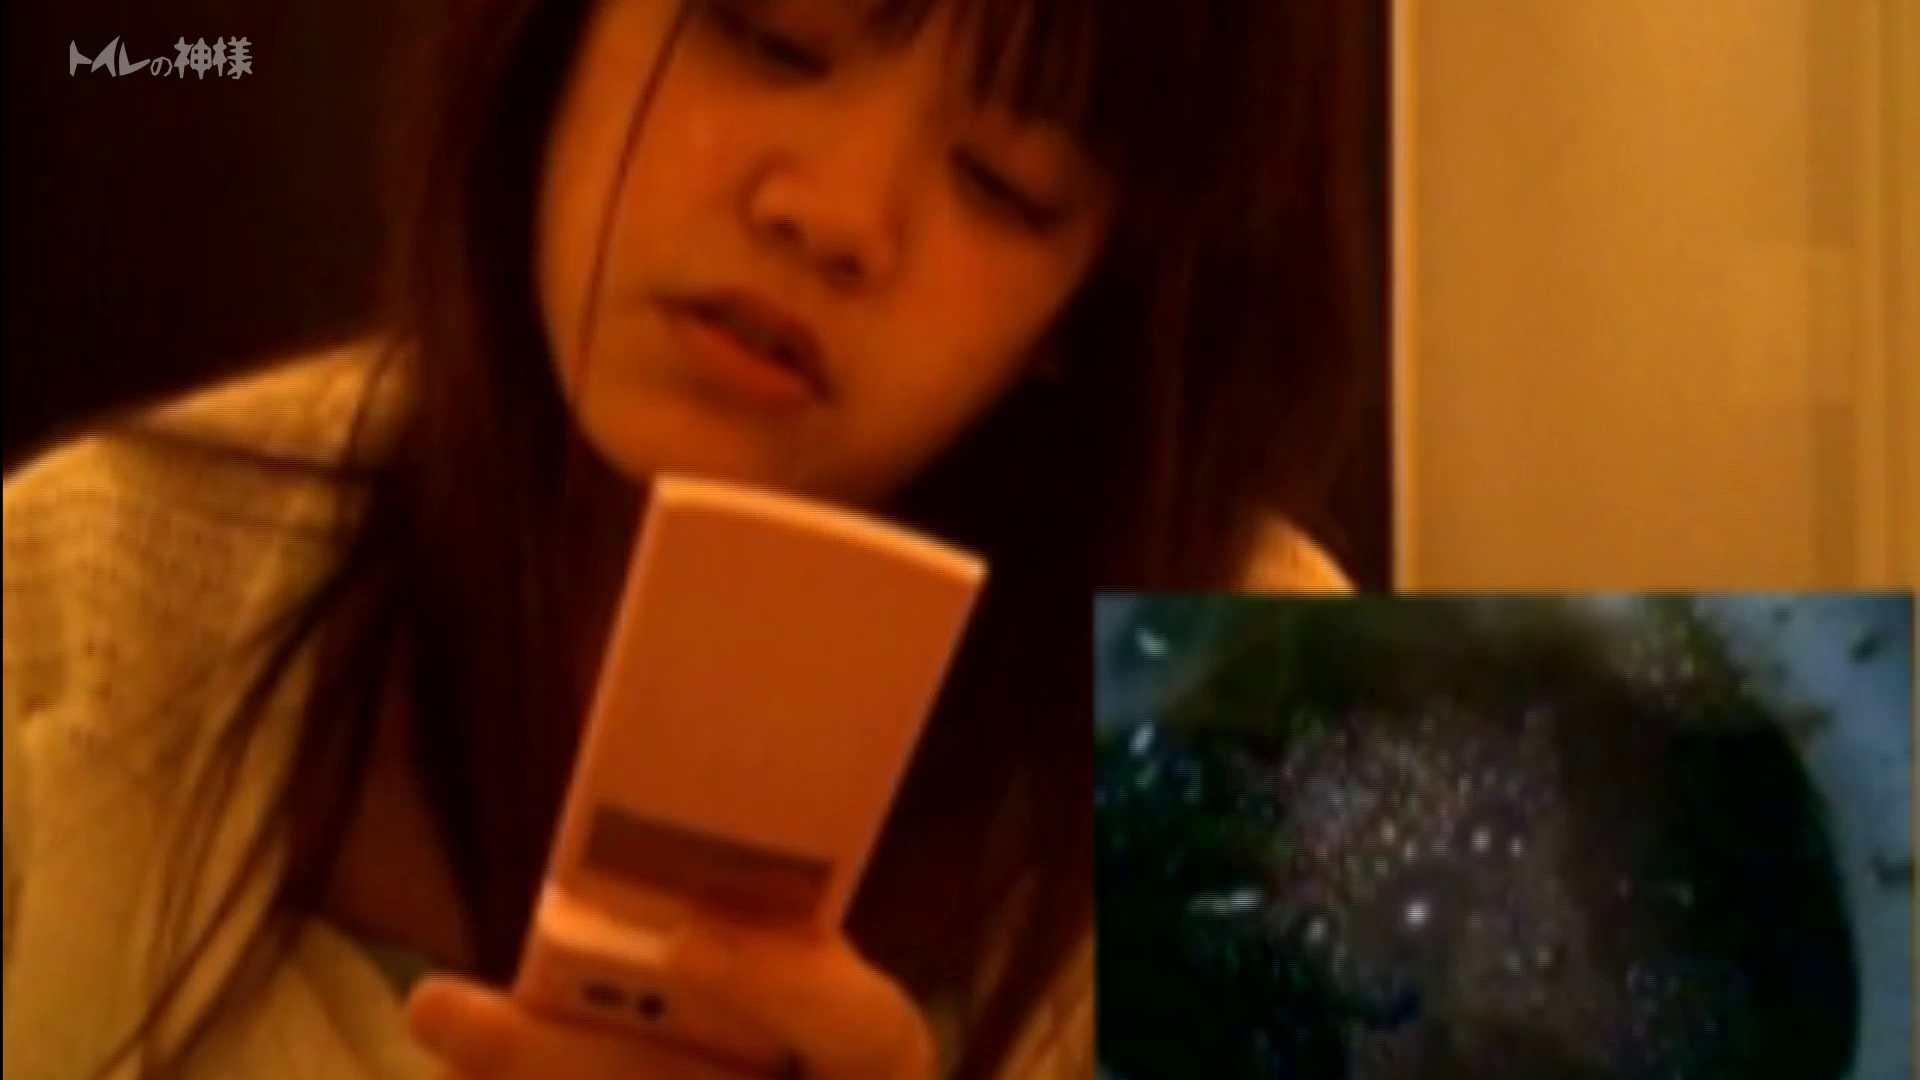 トイレの神様 Vol.03 彼女のうんち隠し撮り 盛合せ アダルト動画キャプチャ 18画像 8